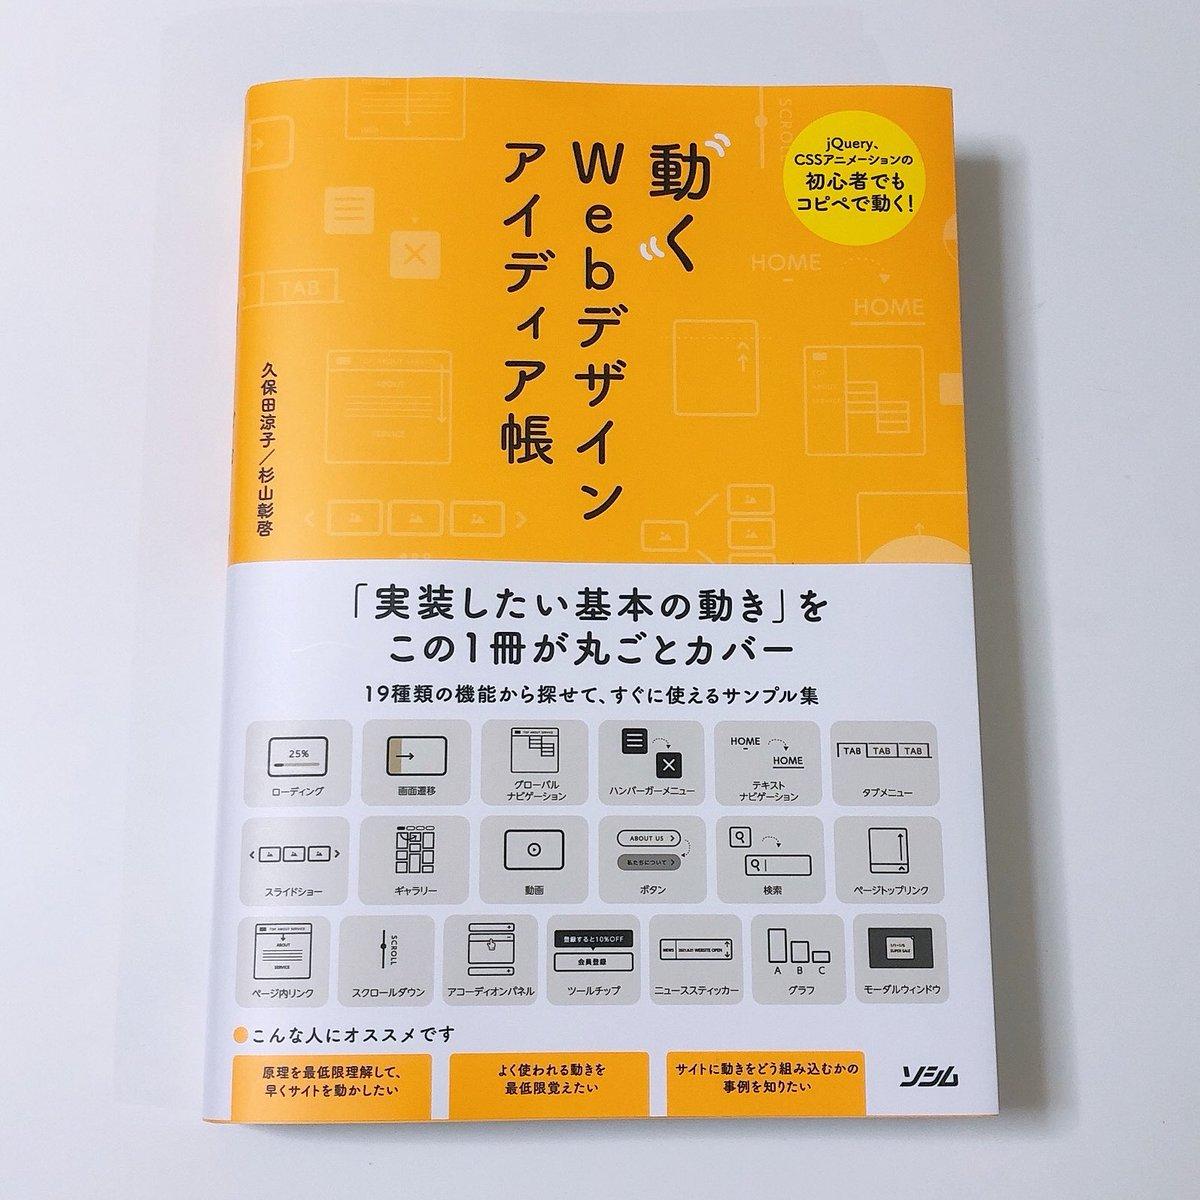 *動くwebデザインアイディア帳*  デジハリでお世話になった久保田先生の本 ようやくお迎えしました🙏✨  思った以上にボリューム満載💡 サイトと連動してて分かりやすく 自分で調べてる時の迷宮がない安心感📙  絶賛ポートフォリオサイト作成中なので 沢山勉強させて頂きます!  @ugokuweb #動くweb